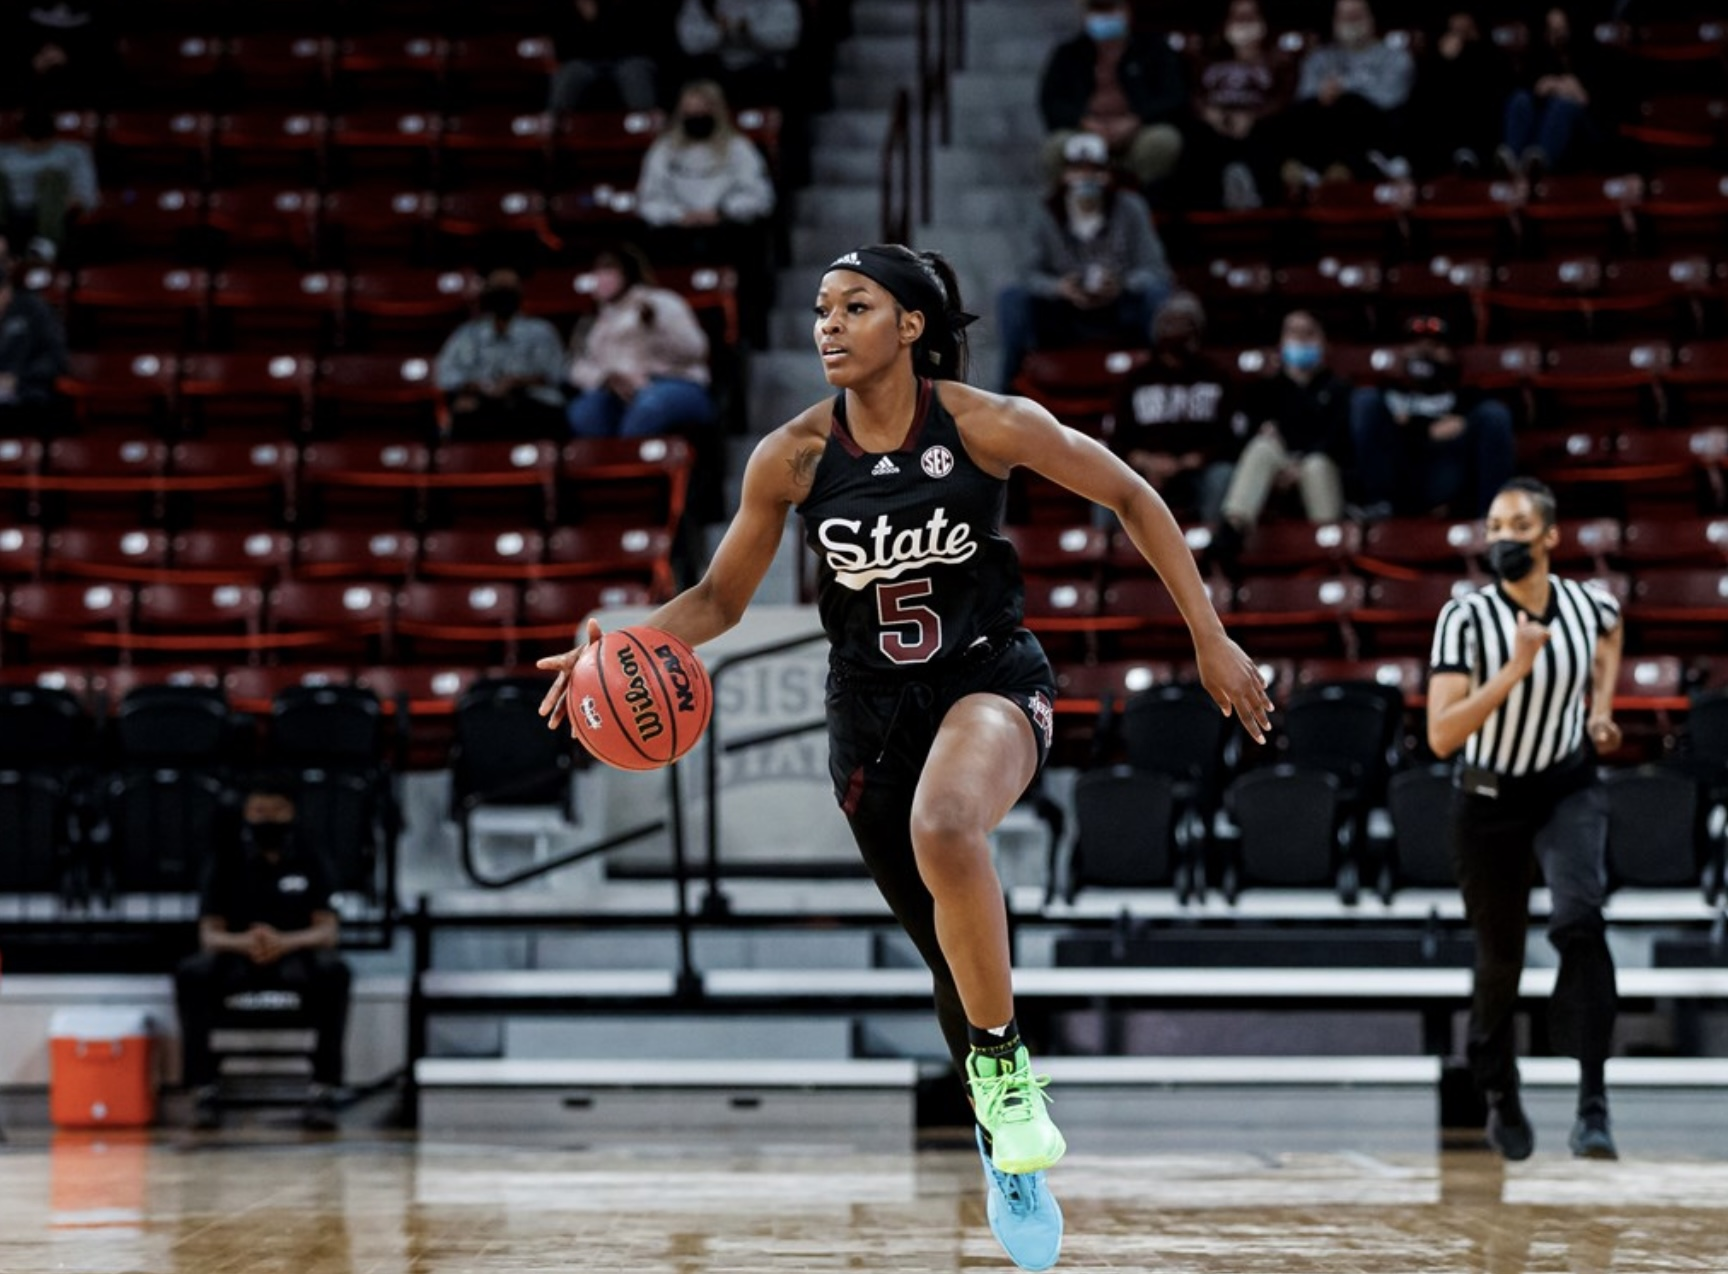 https://hailstate.com/galleries/womens-basketball/womens-basketball-vs-ole-miss/starkville-ms-january-10-2021-/5307/89575